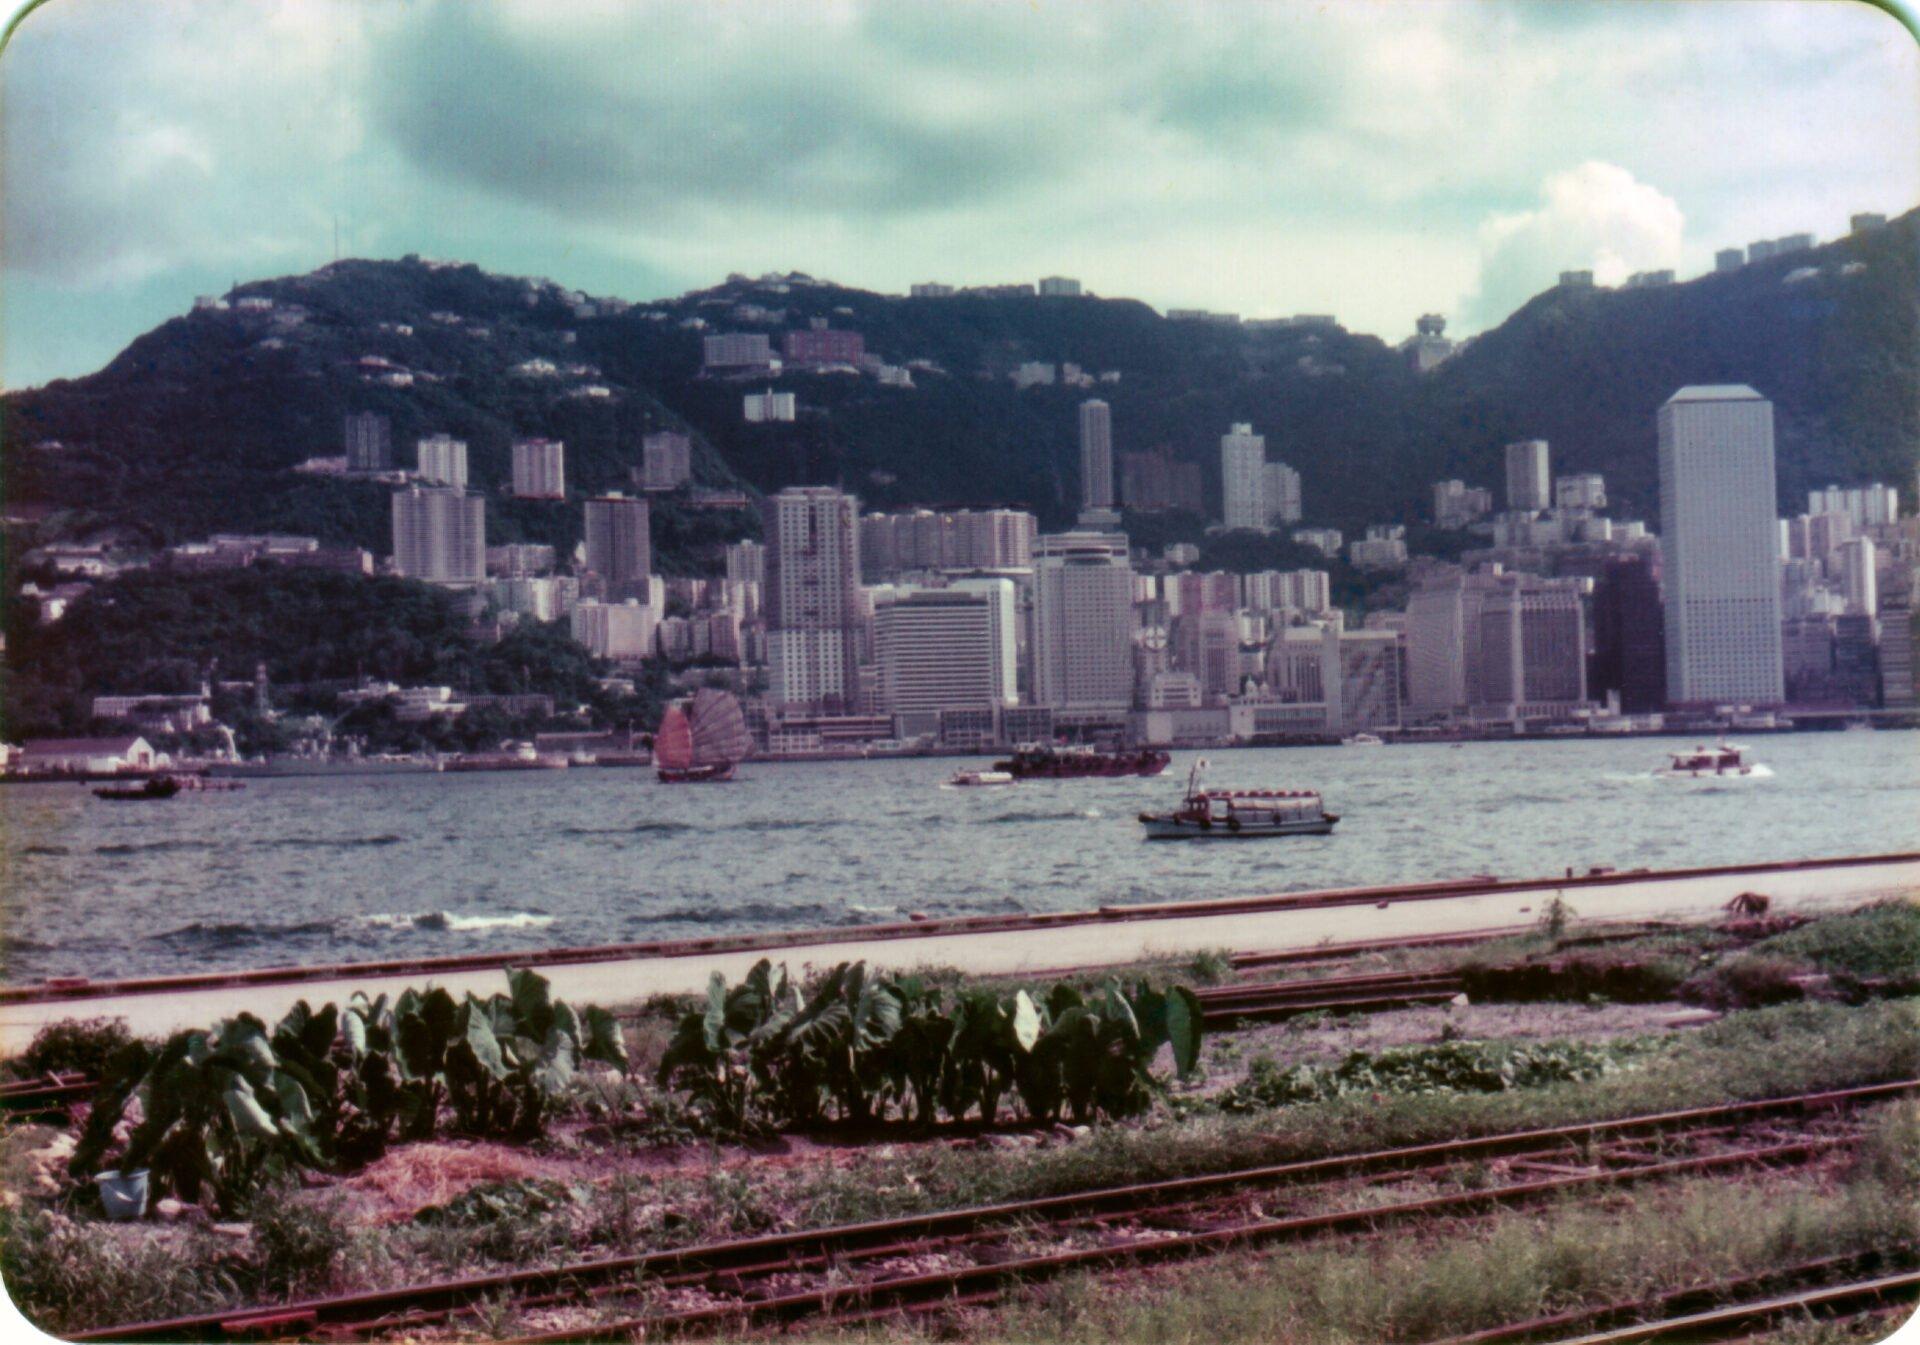 Hong Kong central from Kowloon Canton railway at Kowloon Station